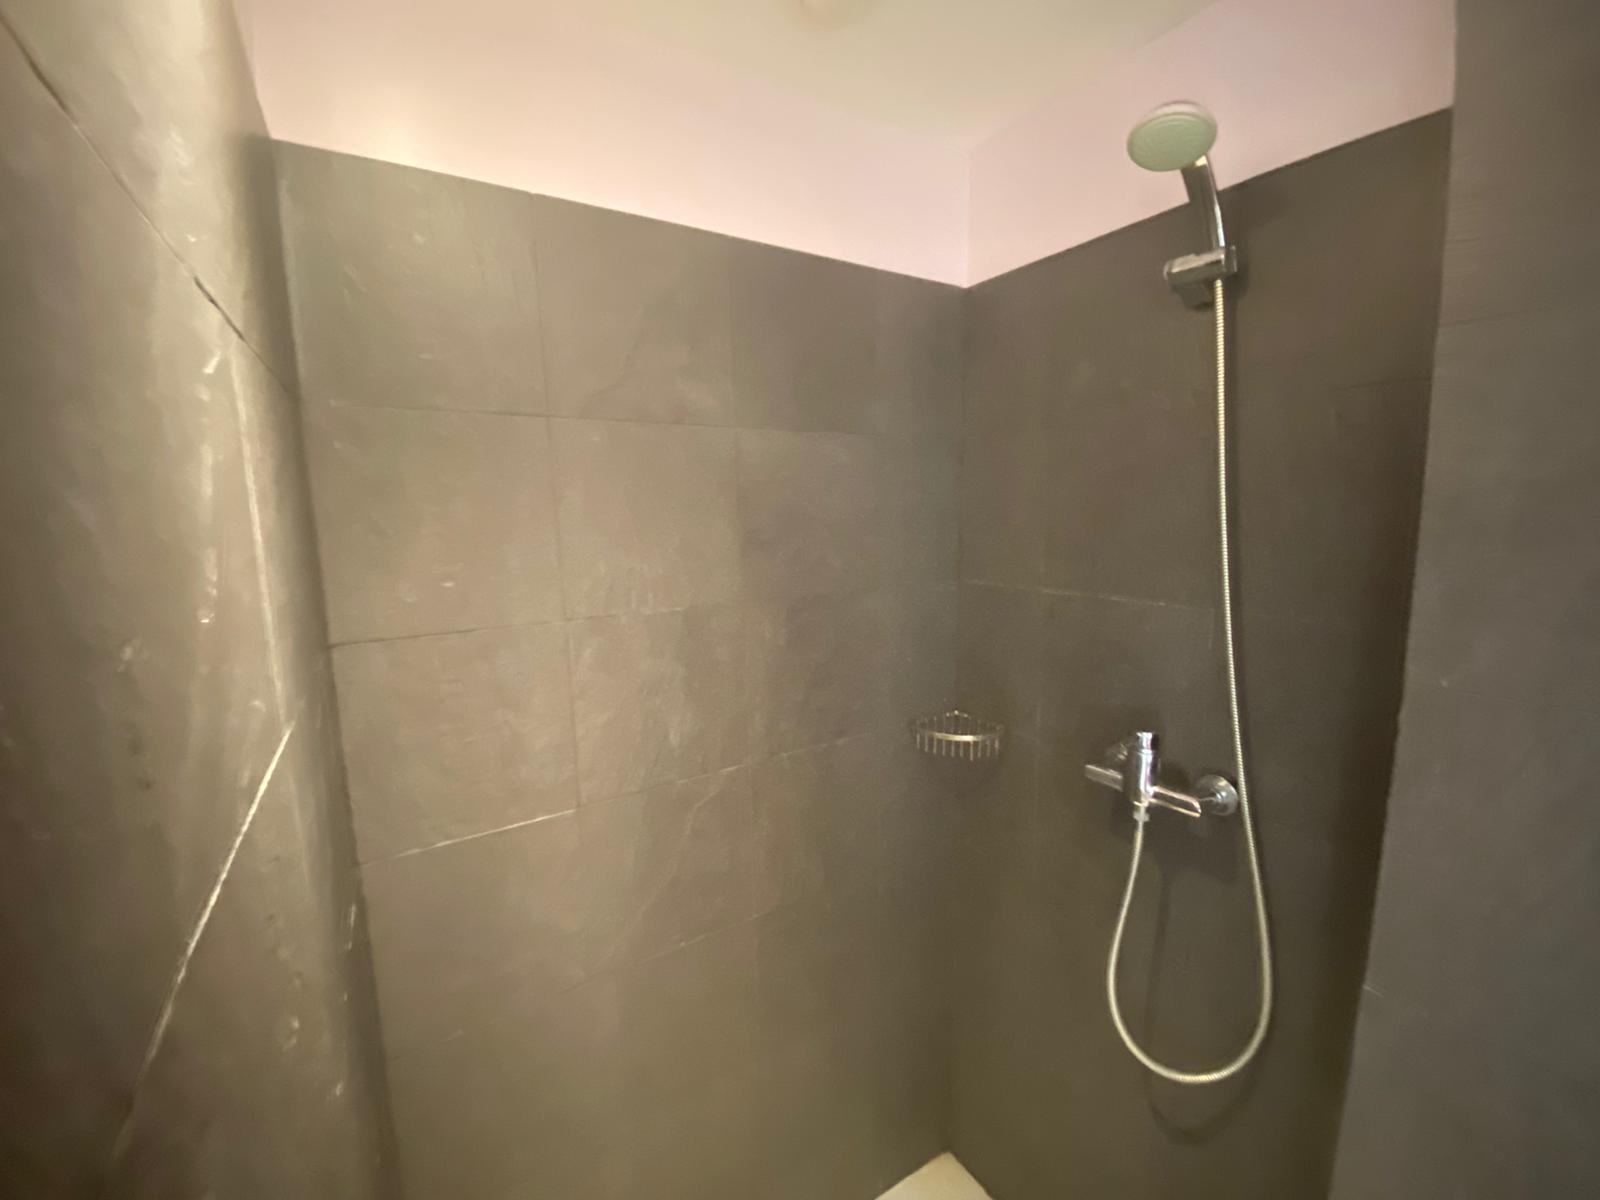 Imagen 38 del Apartamento Turístico, Ático 1 Levante (3d+2b), Punta del Moral (HUELVA), Paseo de la Cruz nº22